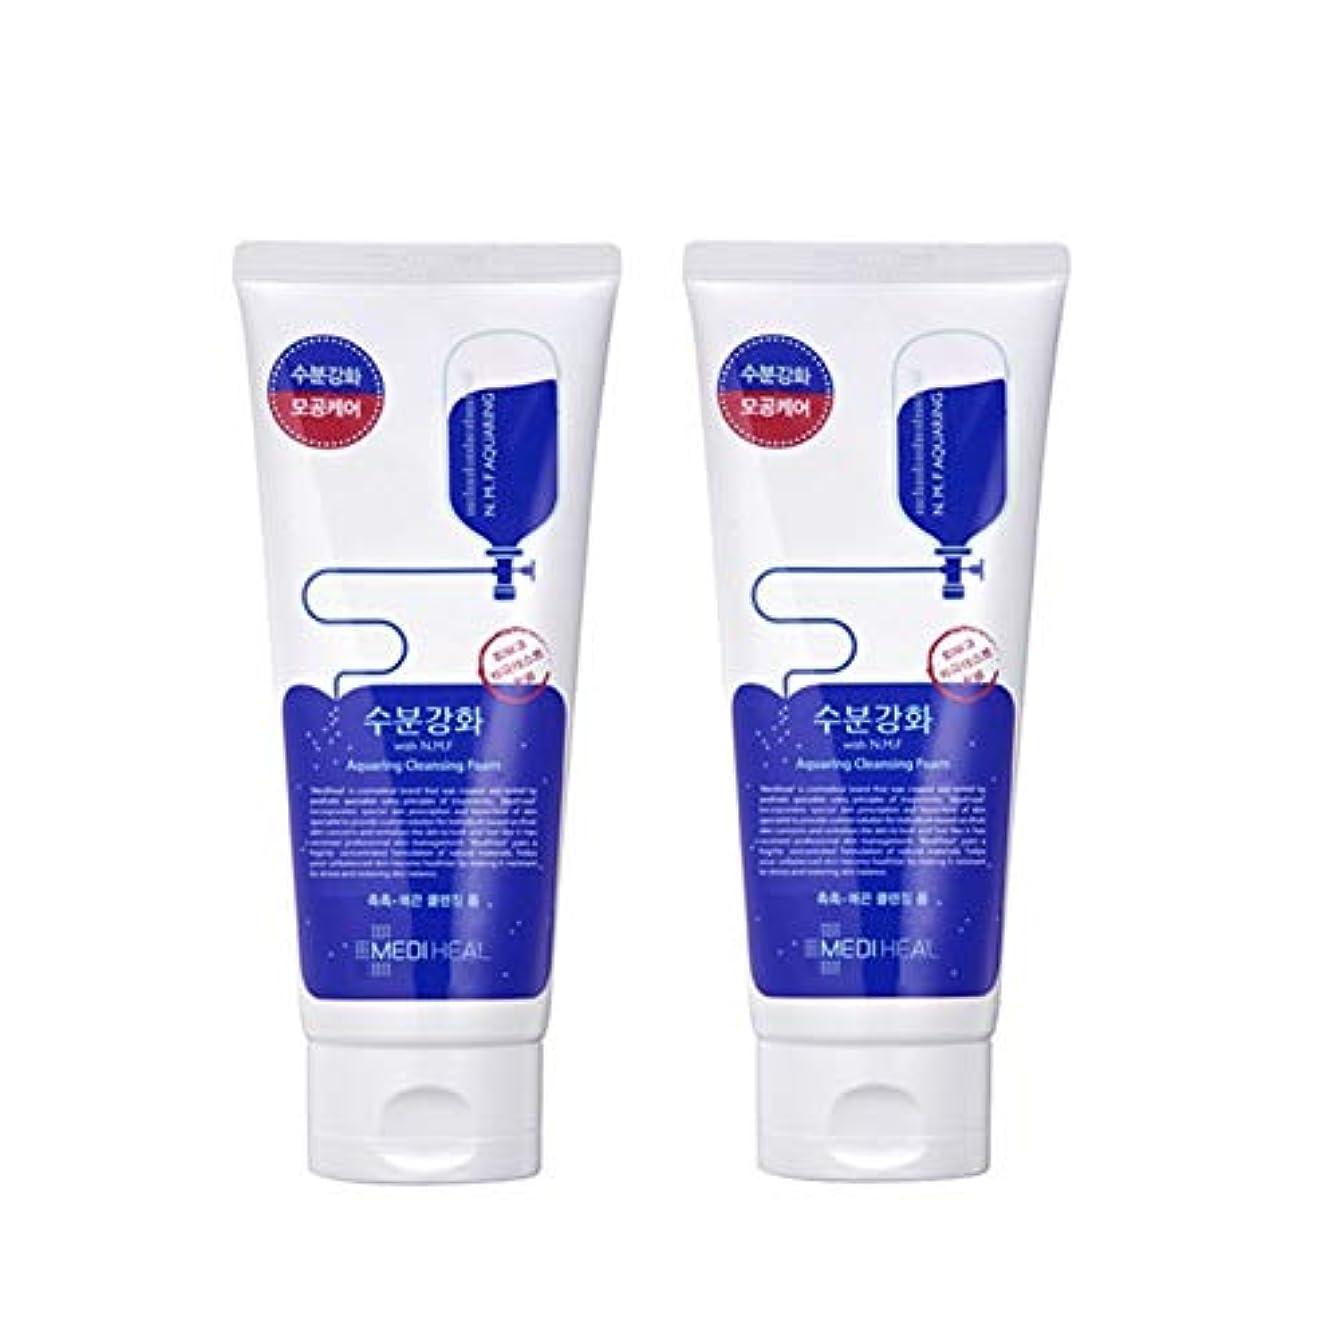 タイヤプレゼンタービリーヤギメディヒール水分強化クレンジングフォーム170mlx2本セット韓国コスメ、Mediheal Aquaring Cleansing Foam 170ml x 2ea Set Korean Cosmetics [並行輸入品]